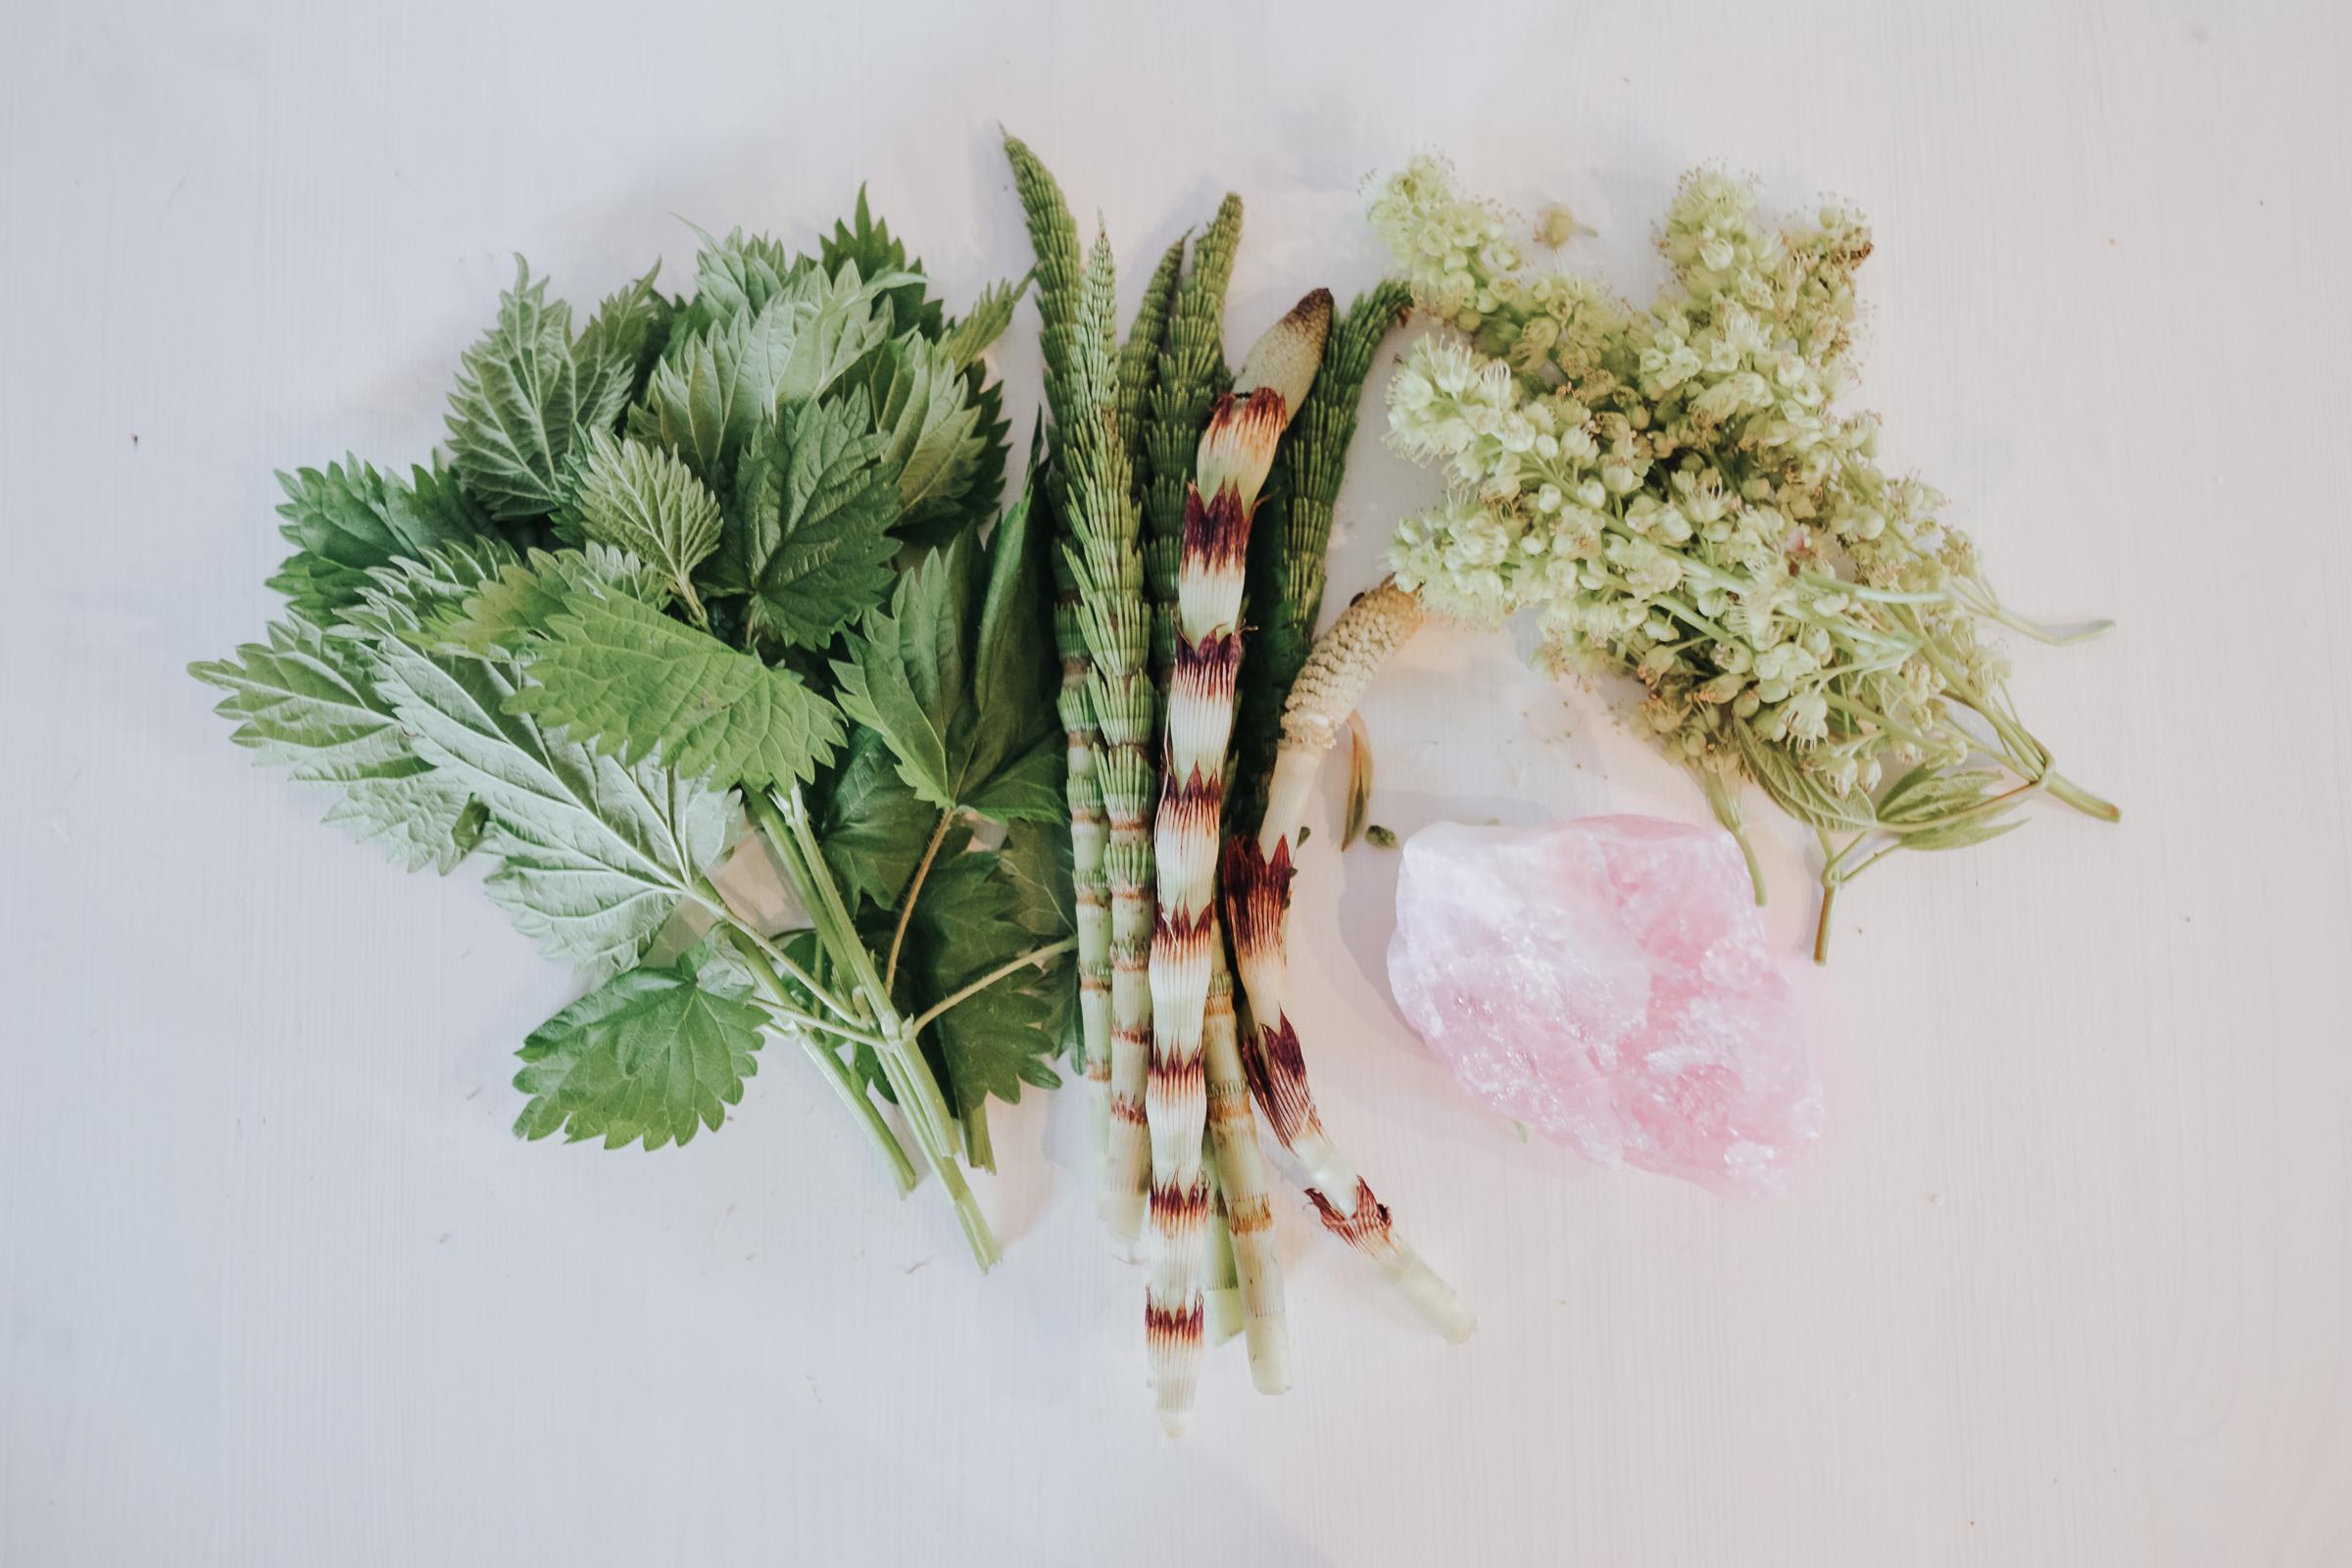 From left: stinging nettle, horsetail, maple blossom